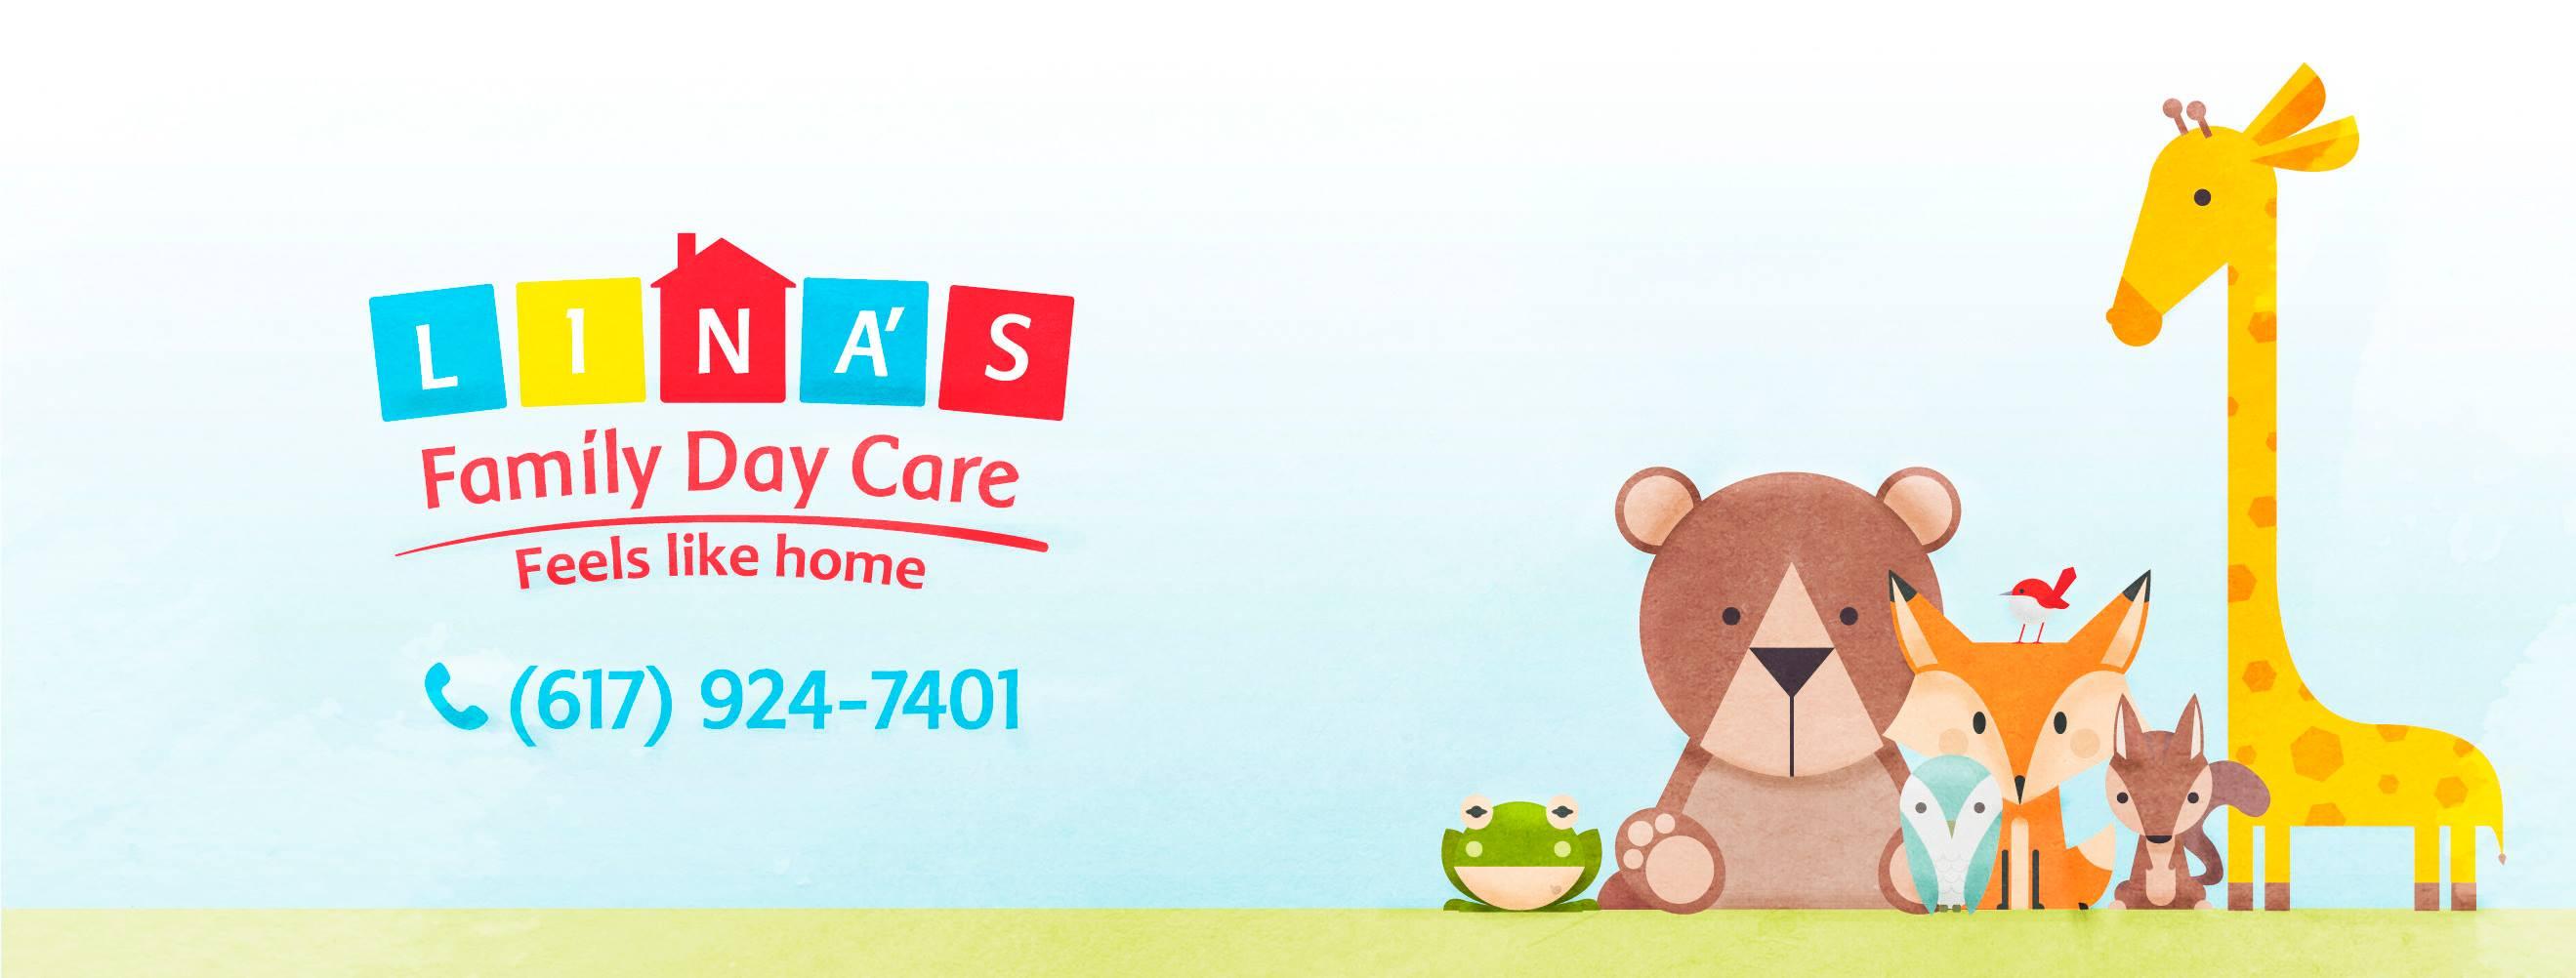 linas_family_day_care_omar_catano_17